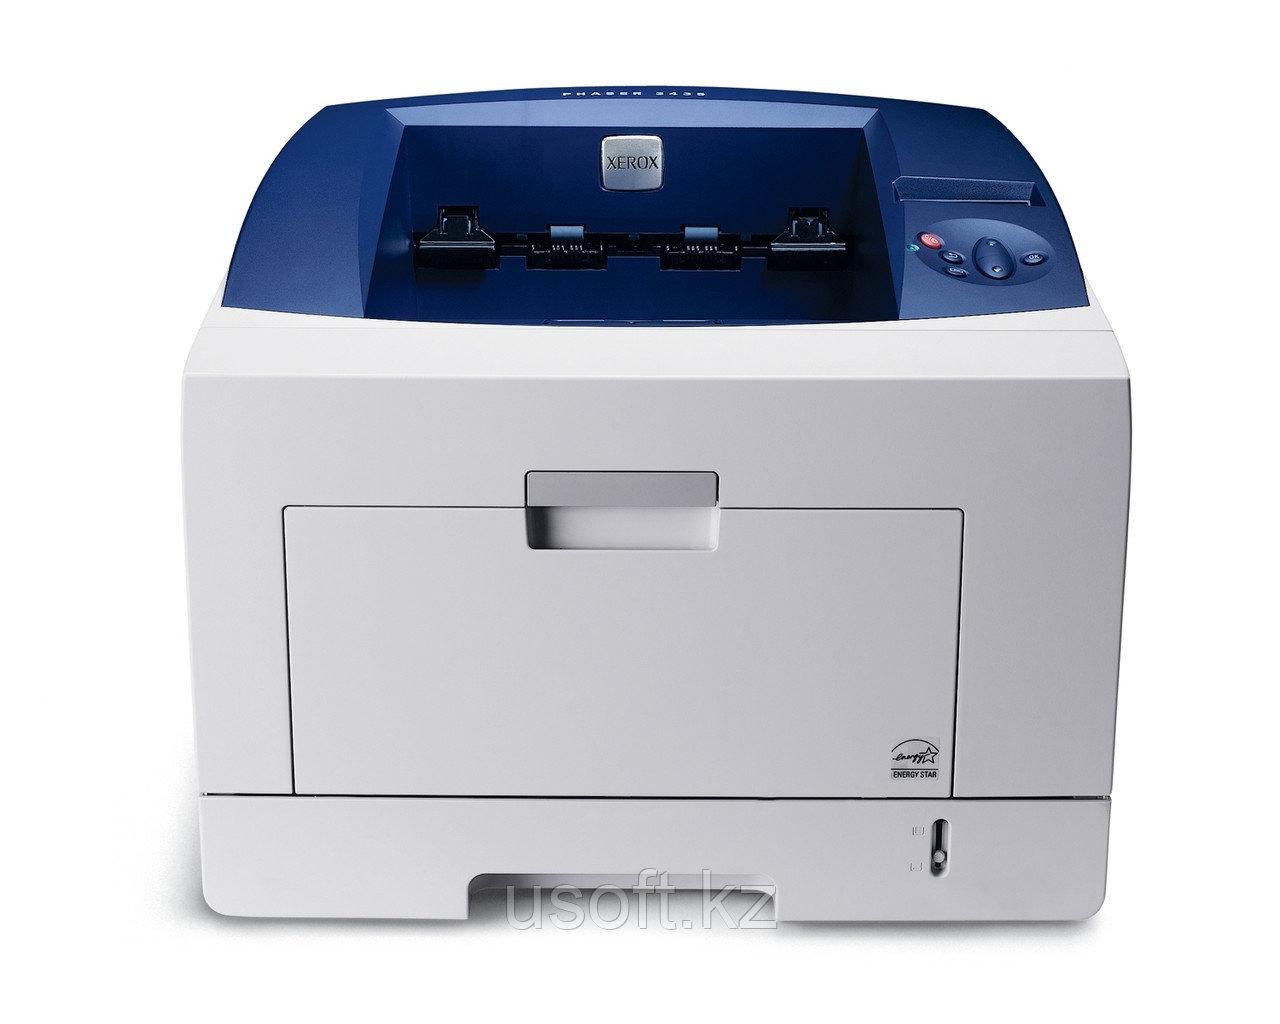 Принтер Xerox Phaser 3435DN (3435V_DN) A4, для среднего офиса, лазерный ч/б, 33 стр./мин, разрешение 1200 dpi